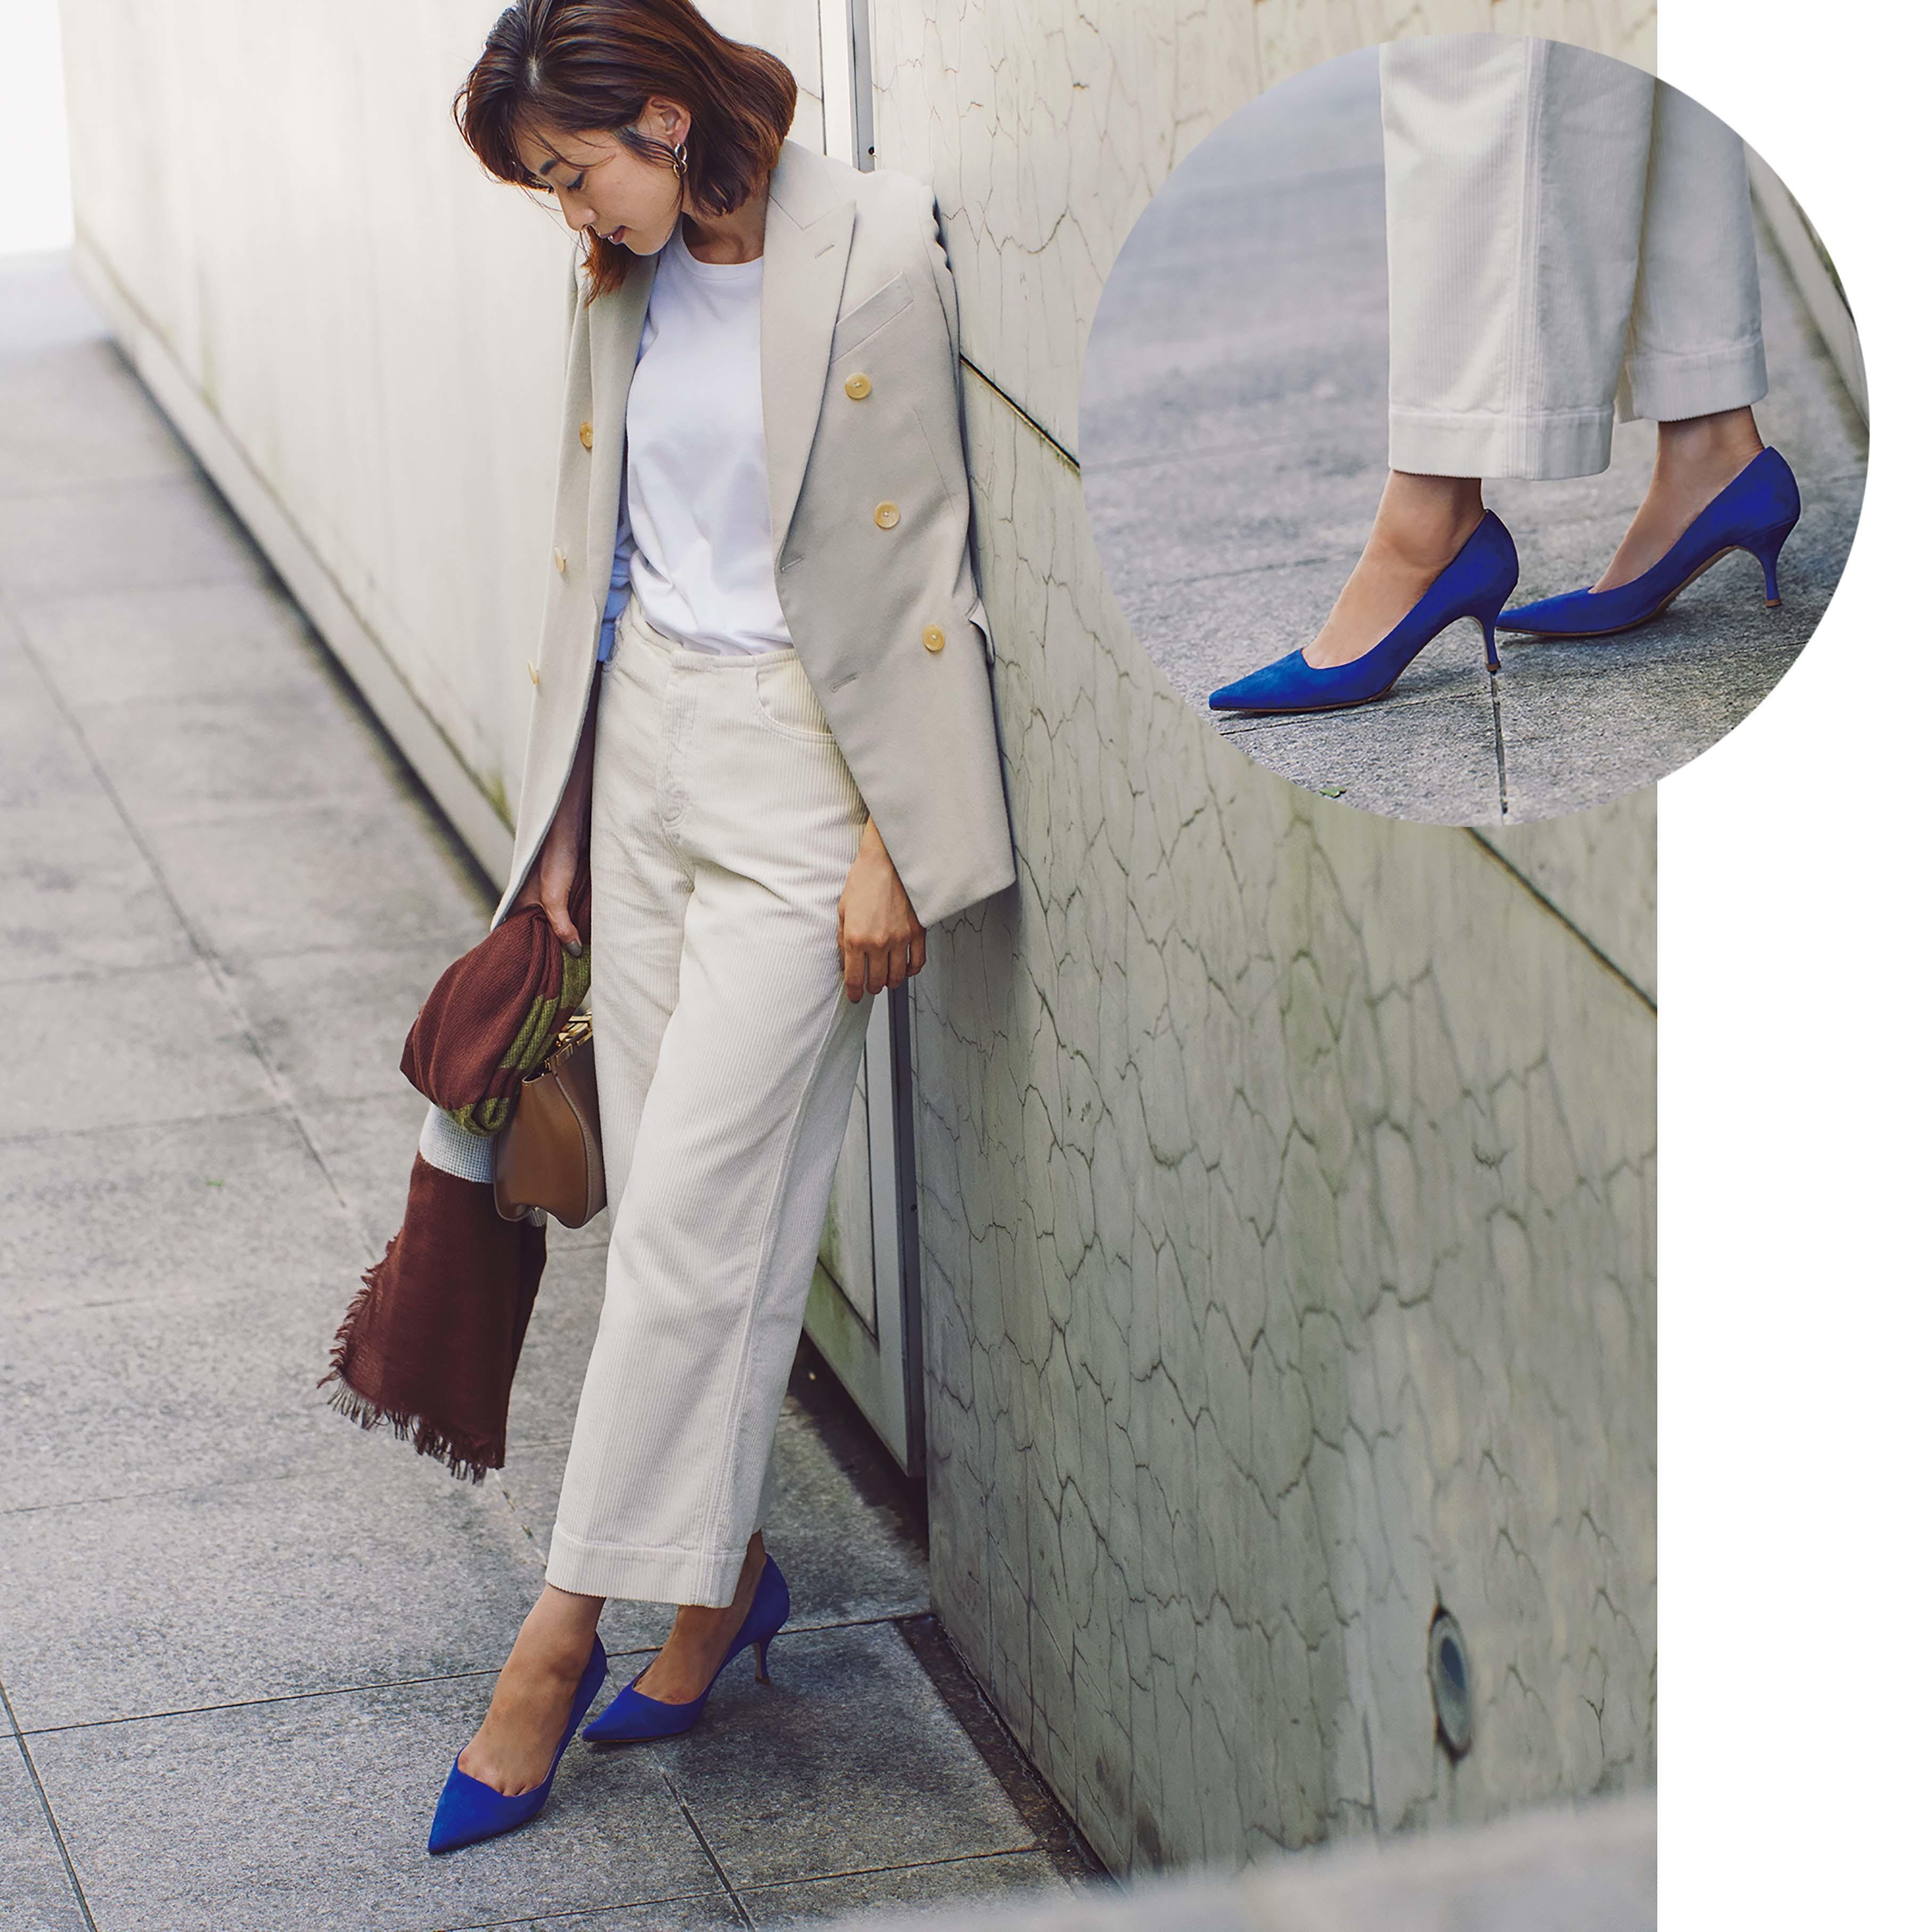 ジャケット×パンツ×きれい色パンプスのファッションコーデ